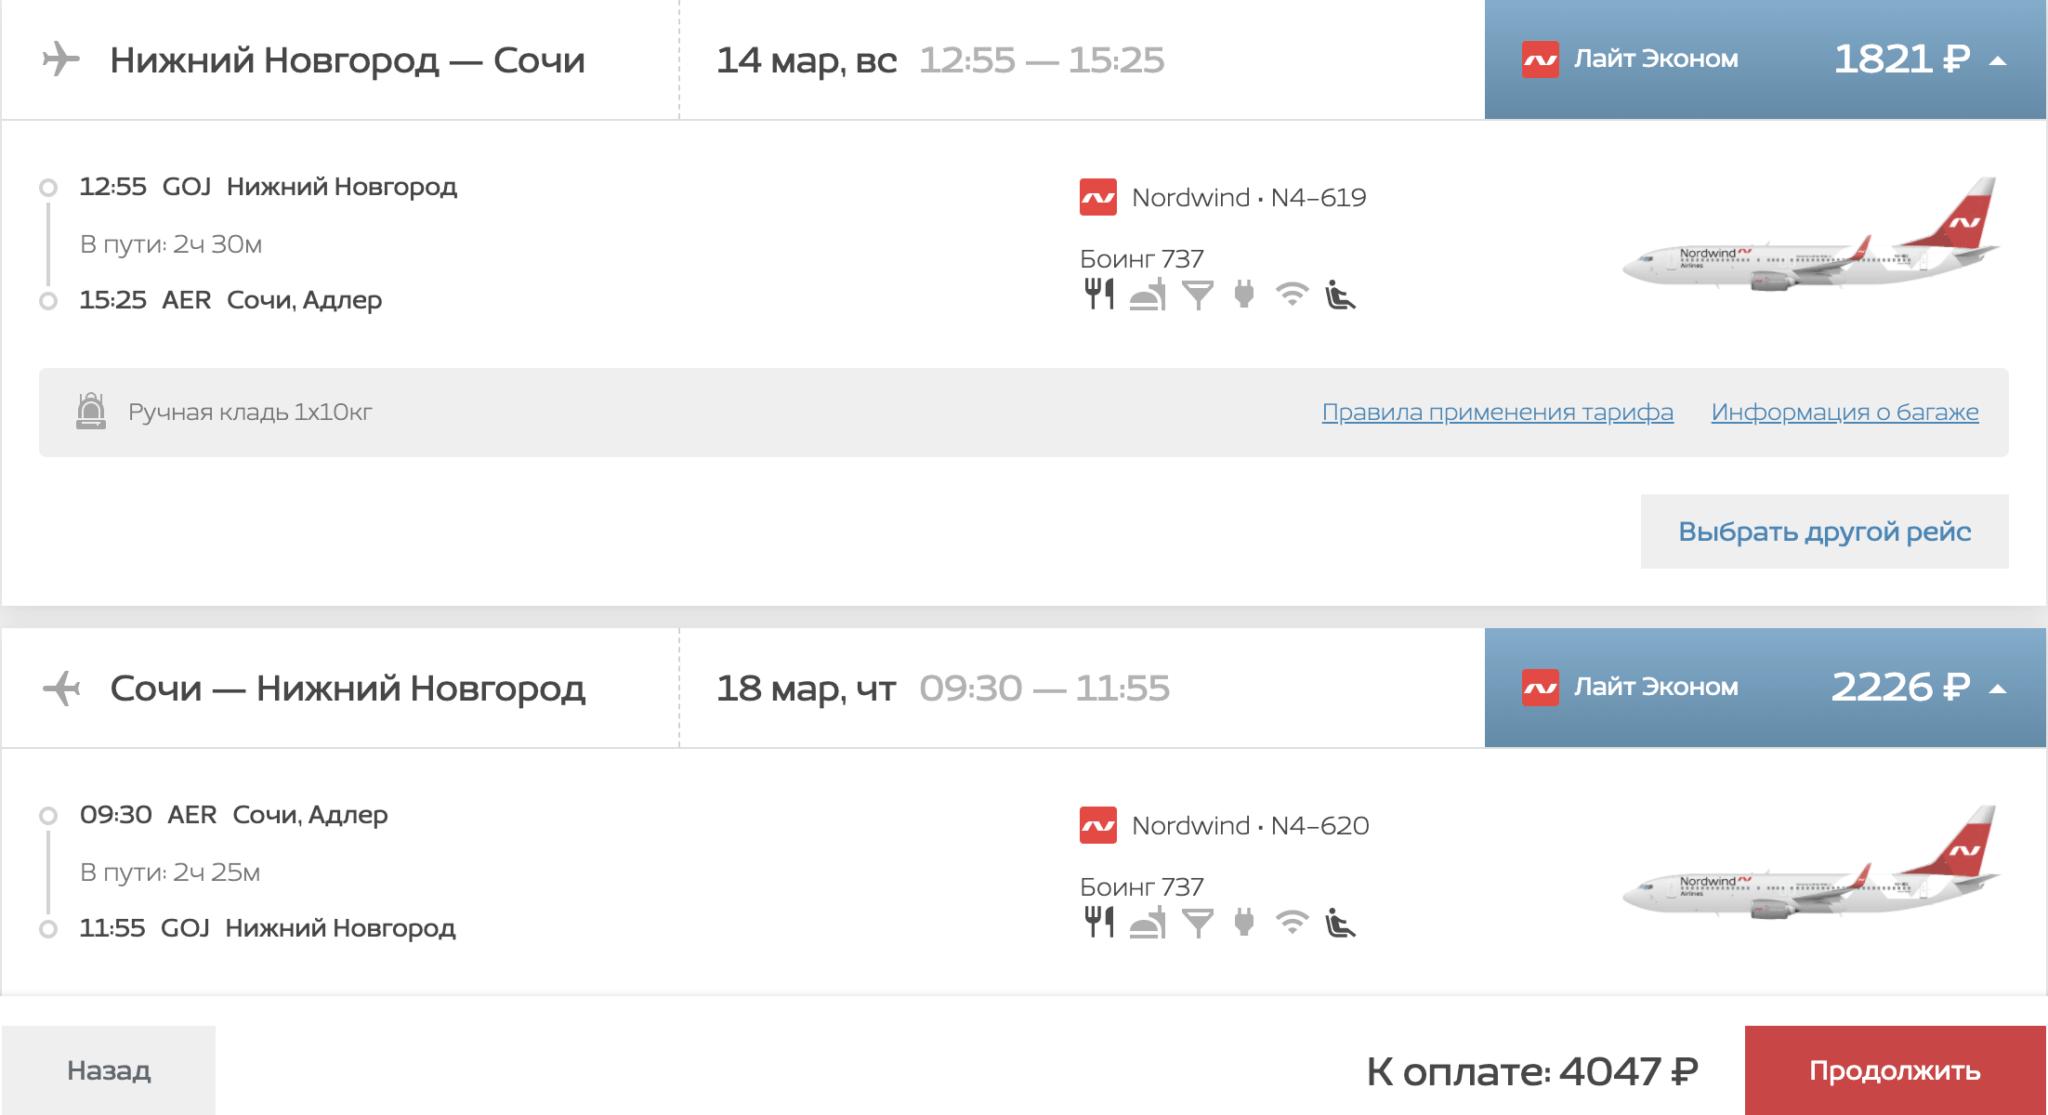 Распродажа Nordwind в Сочи из СПб и регионов от 3700₽ туда-обратно с января